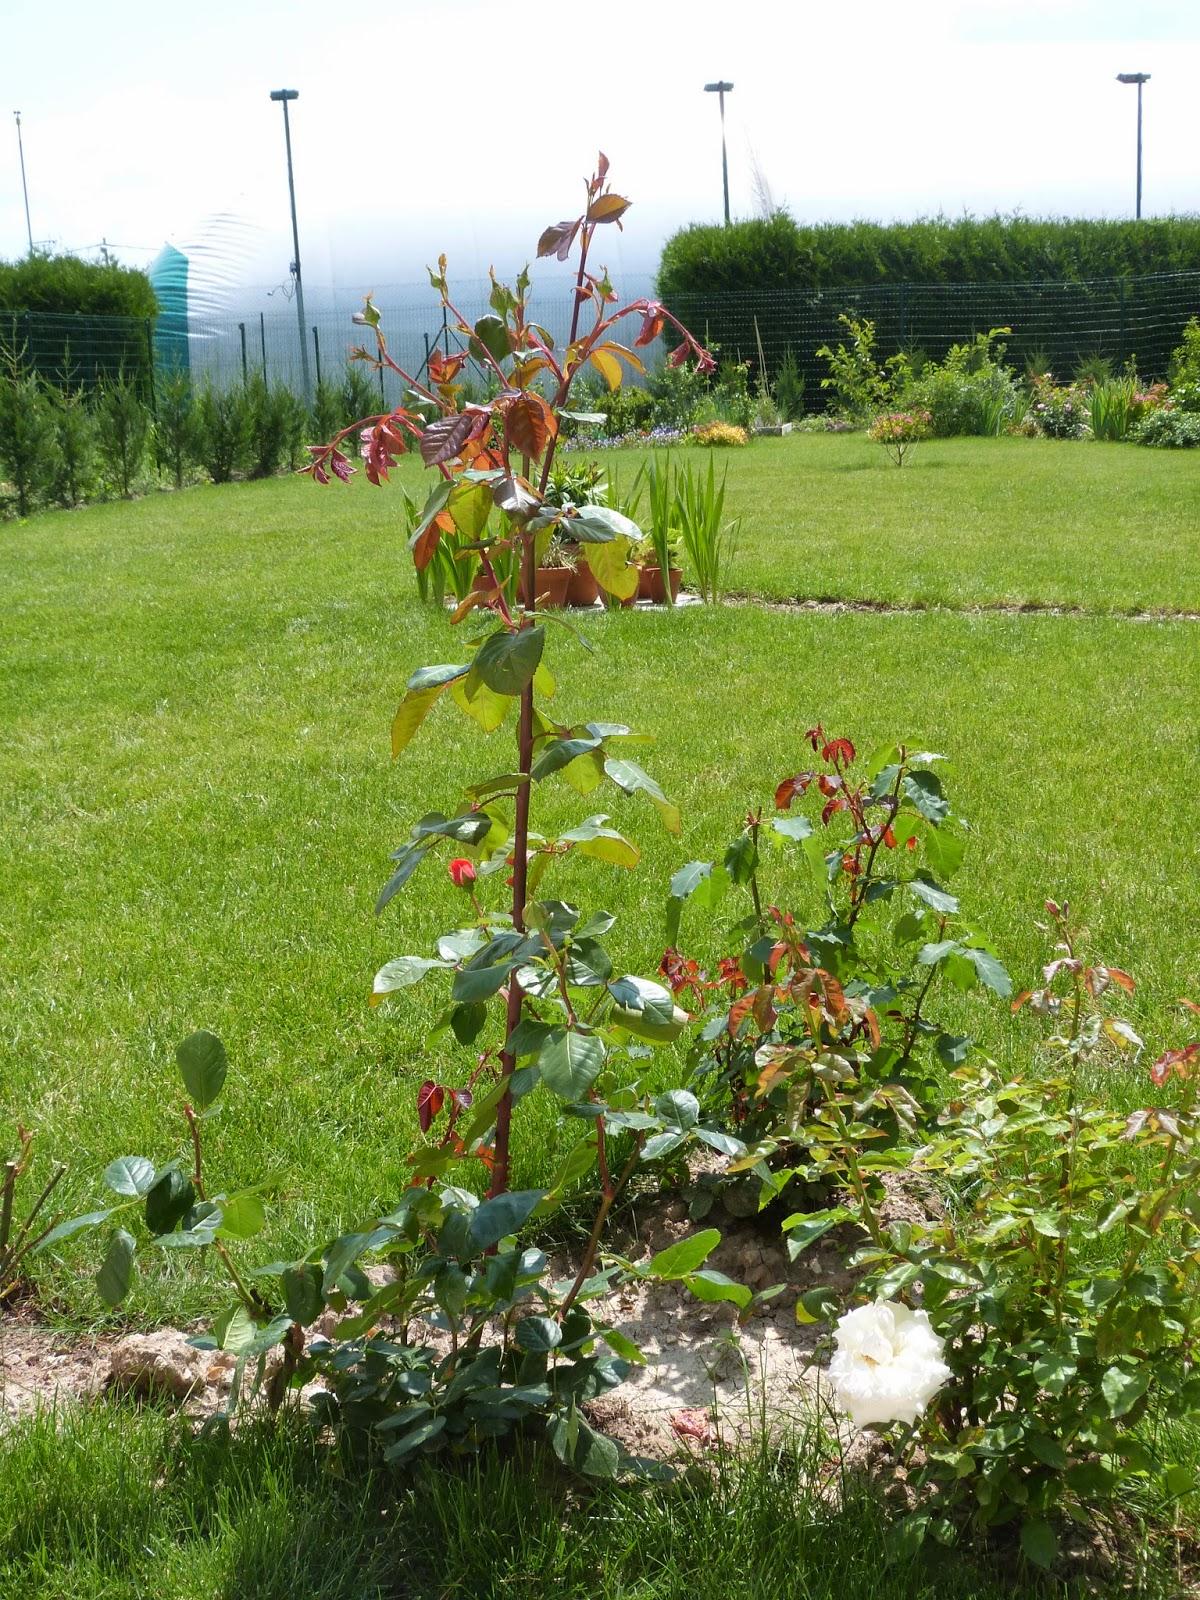 Derrière Les Murs De Mon Jardin Frais Galerie Un Jardin Des Fleurs Juin 2014